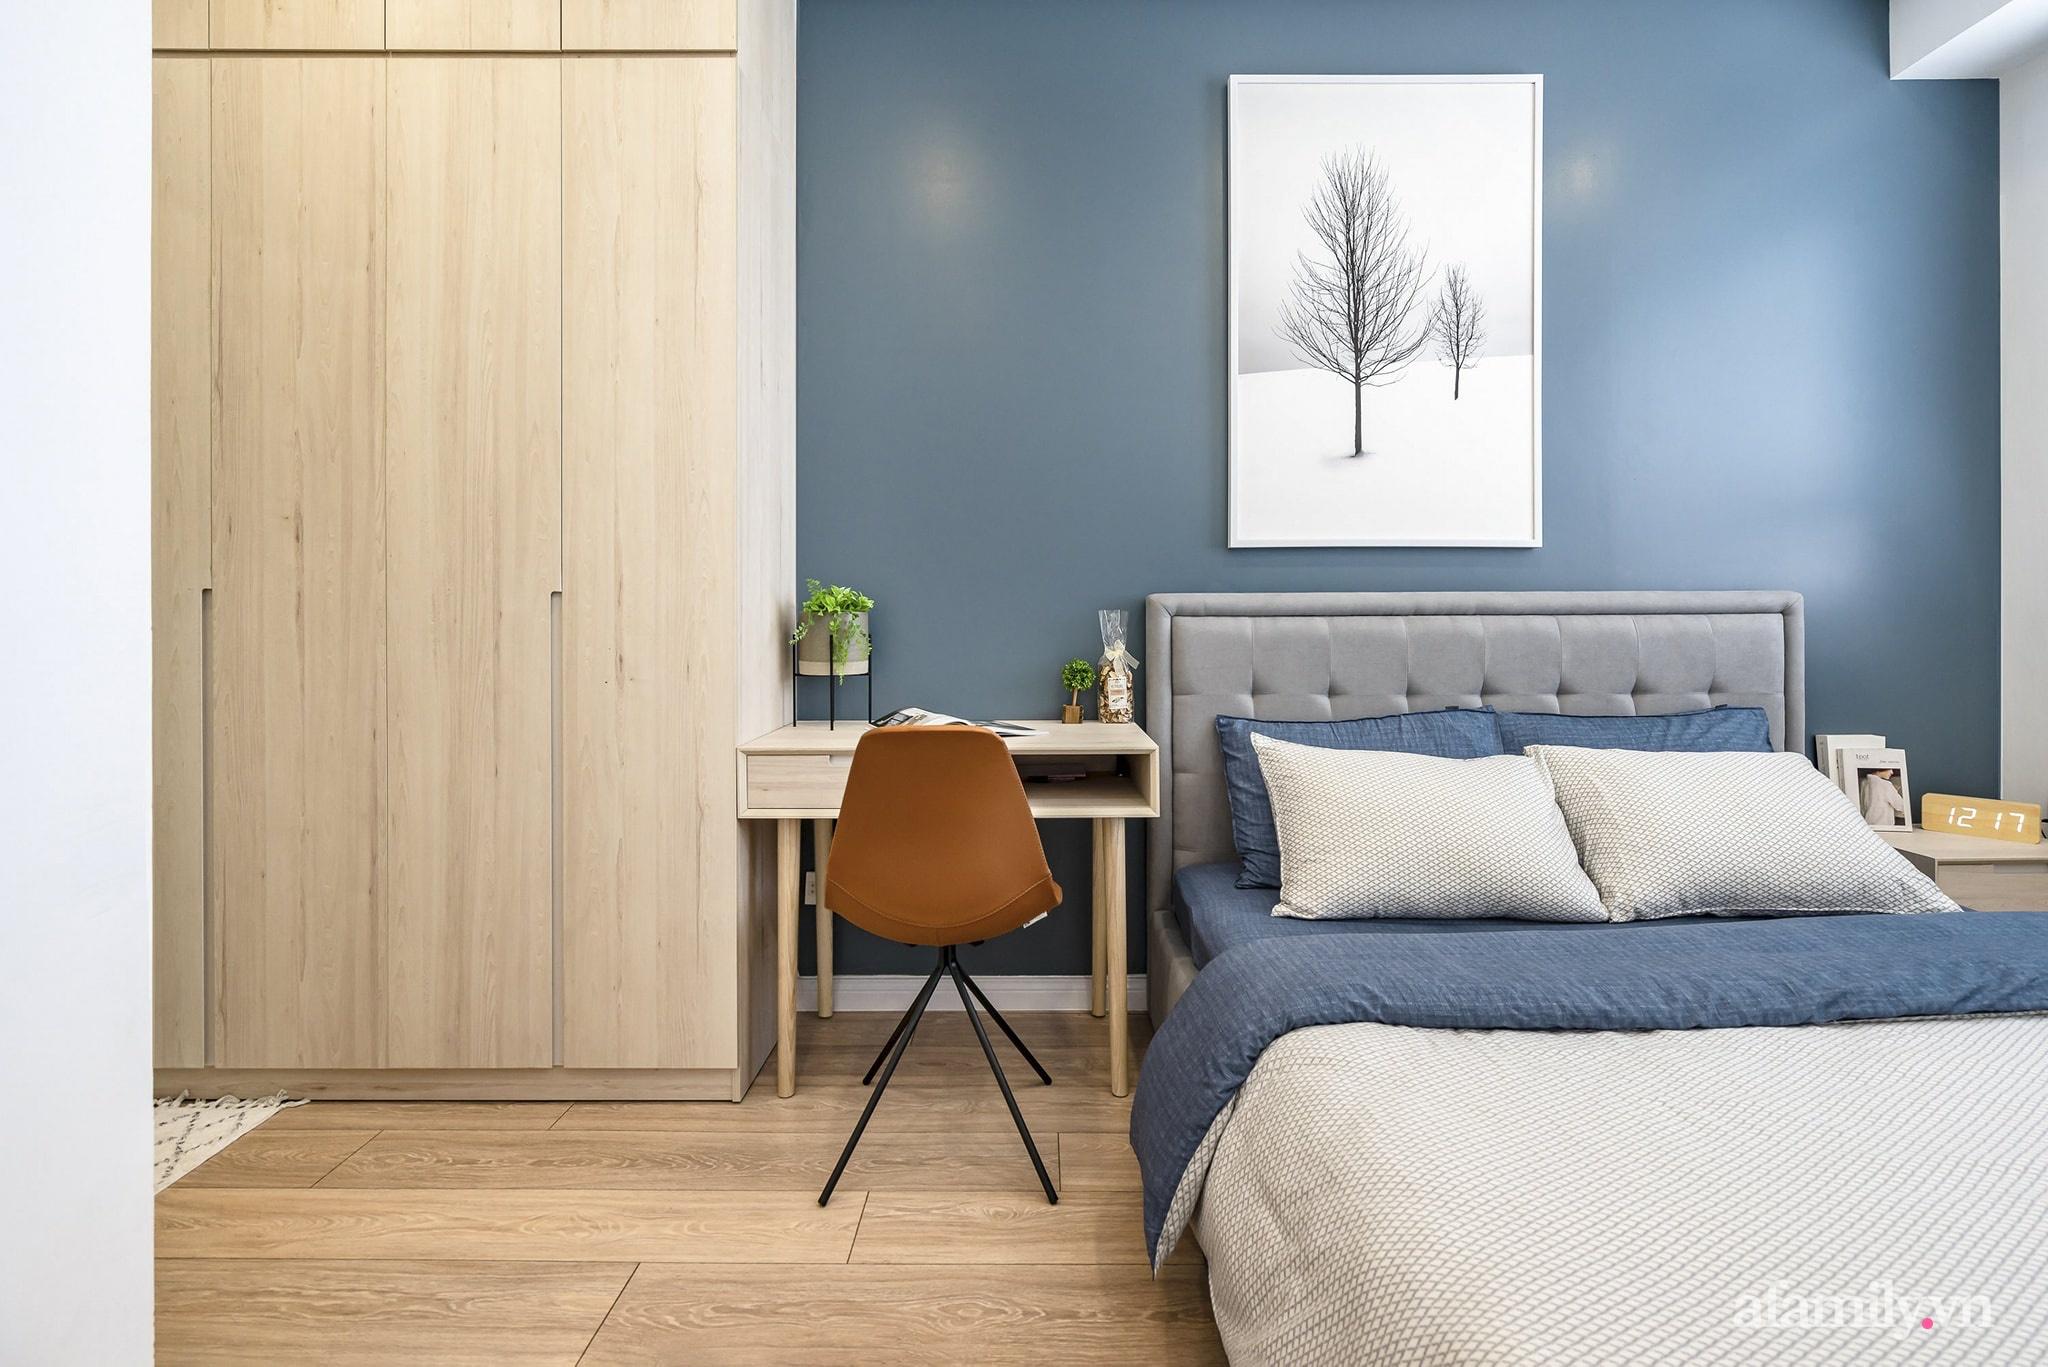 Căn hộ 65m² màu xanh yên bình của chàng trai quyết tâm mua nhà trước tuổi 30 ở Sài Gòn - Ảnh 15.